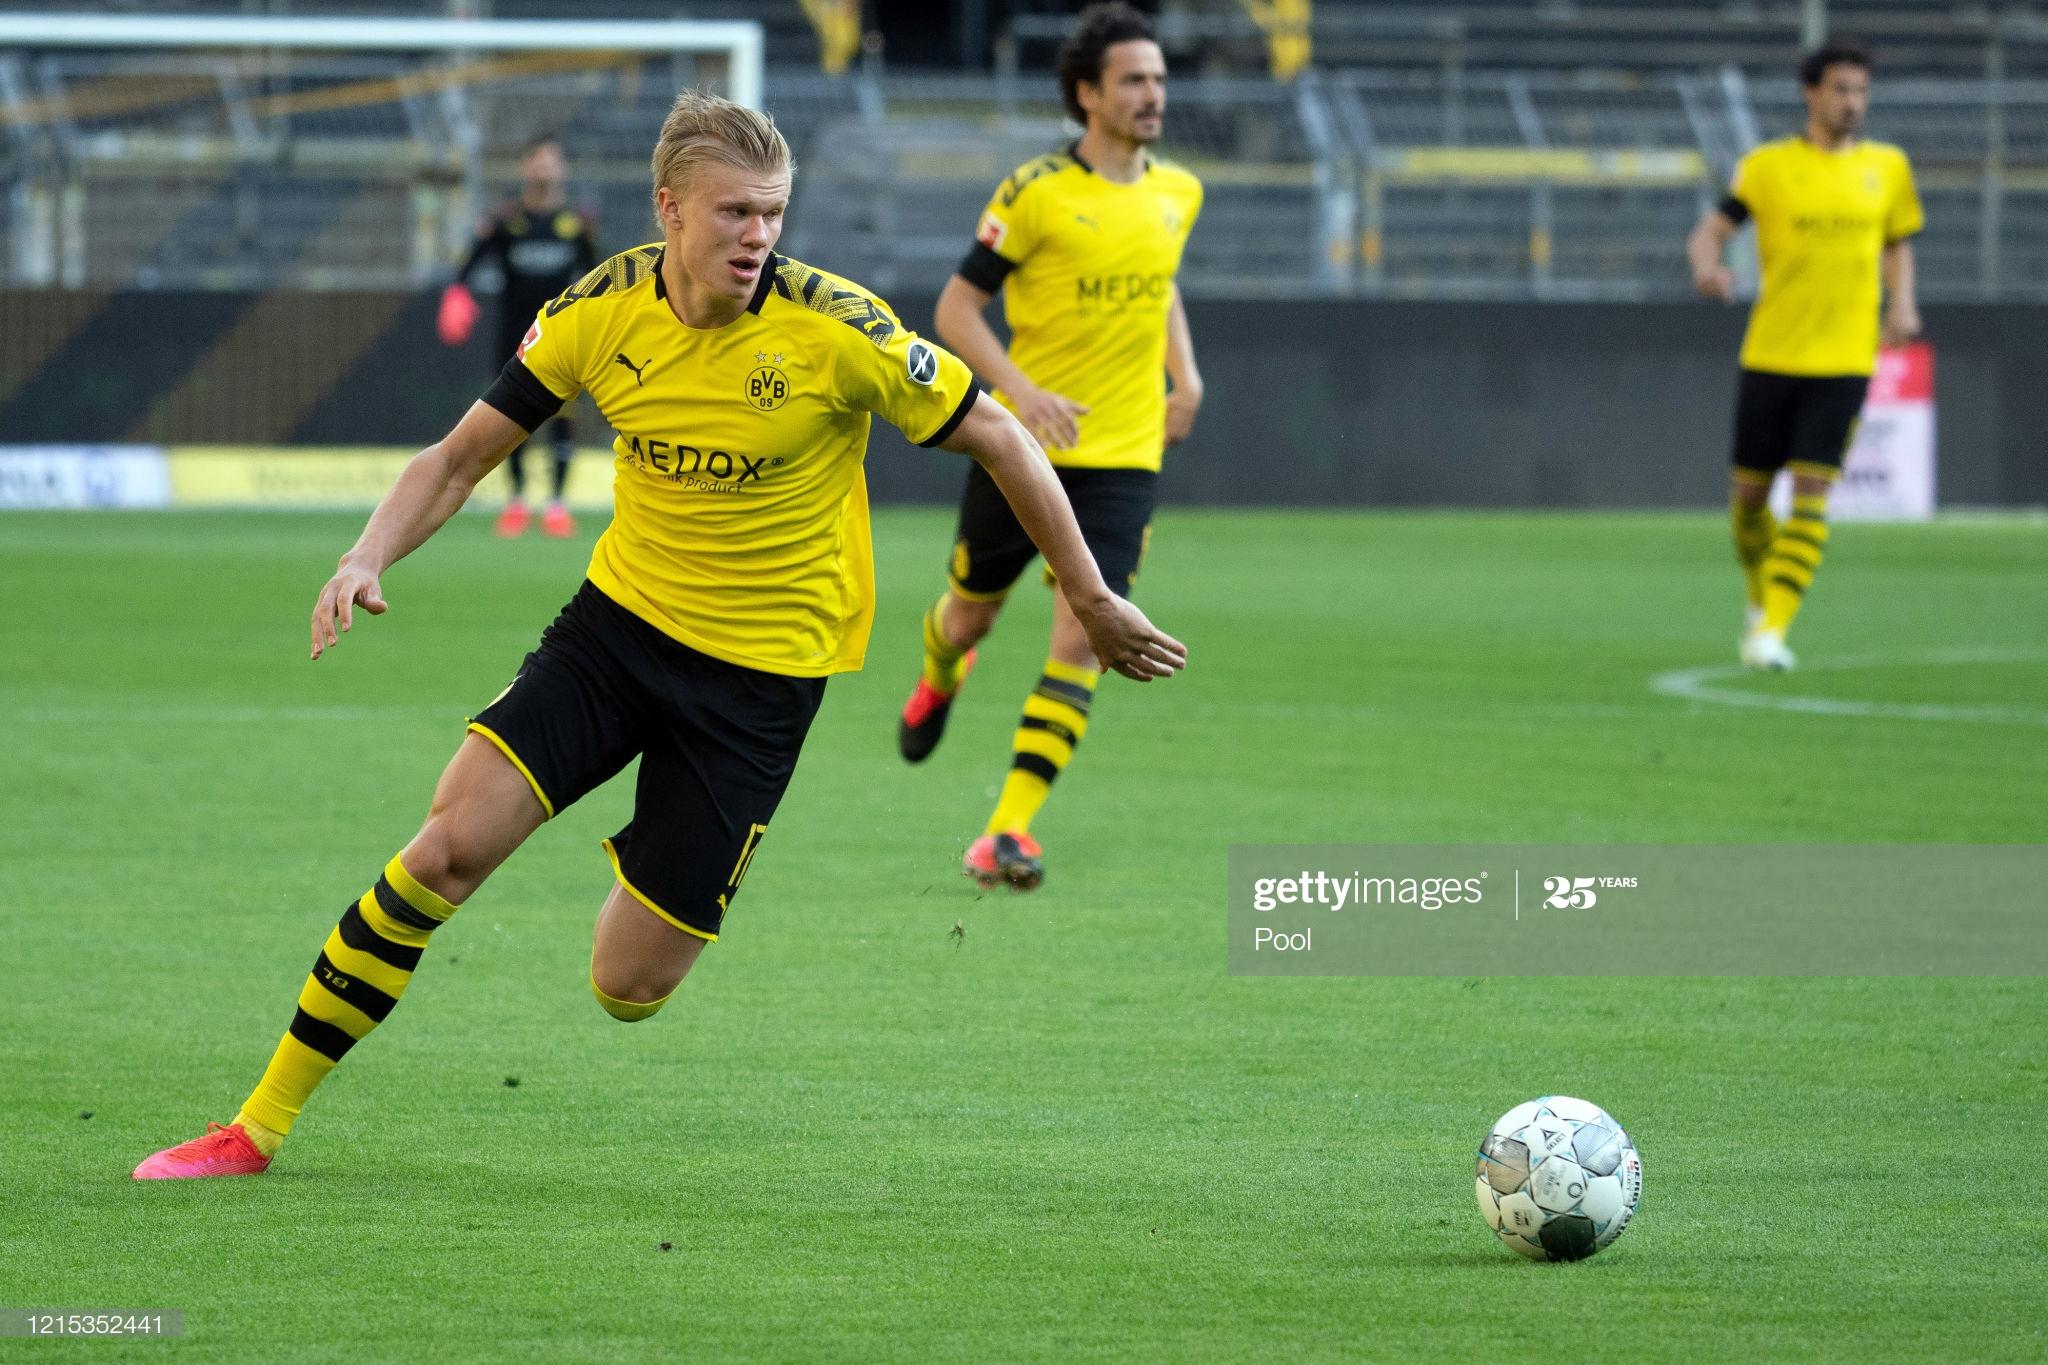 Além da derrota no Der Klassiker, o Borussia Dortmund perdeu Erling Haaland lesionado aos 24 minutos do segundo tempo. Exames apontarão a gravidade da contusão no joelho do atacante norueguês.